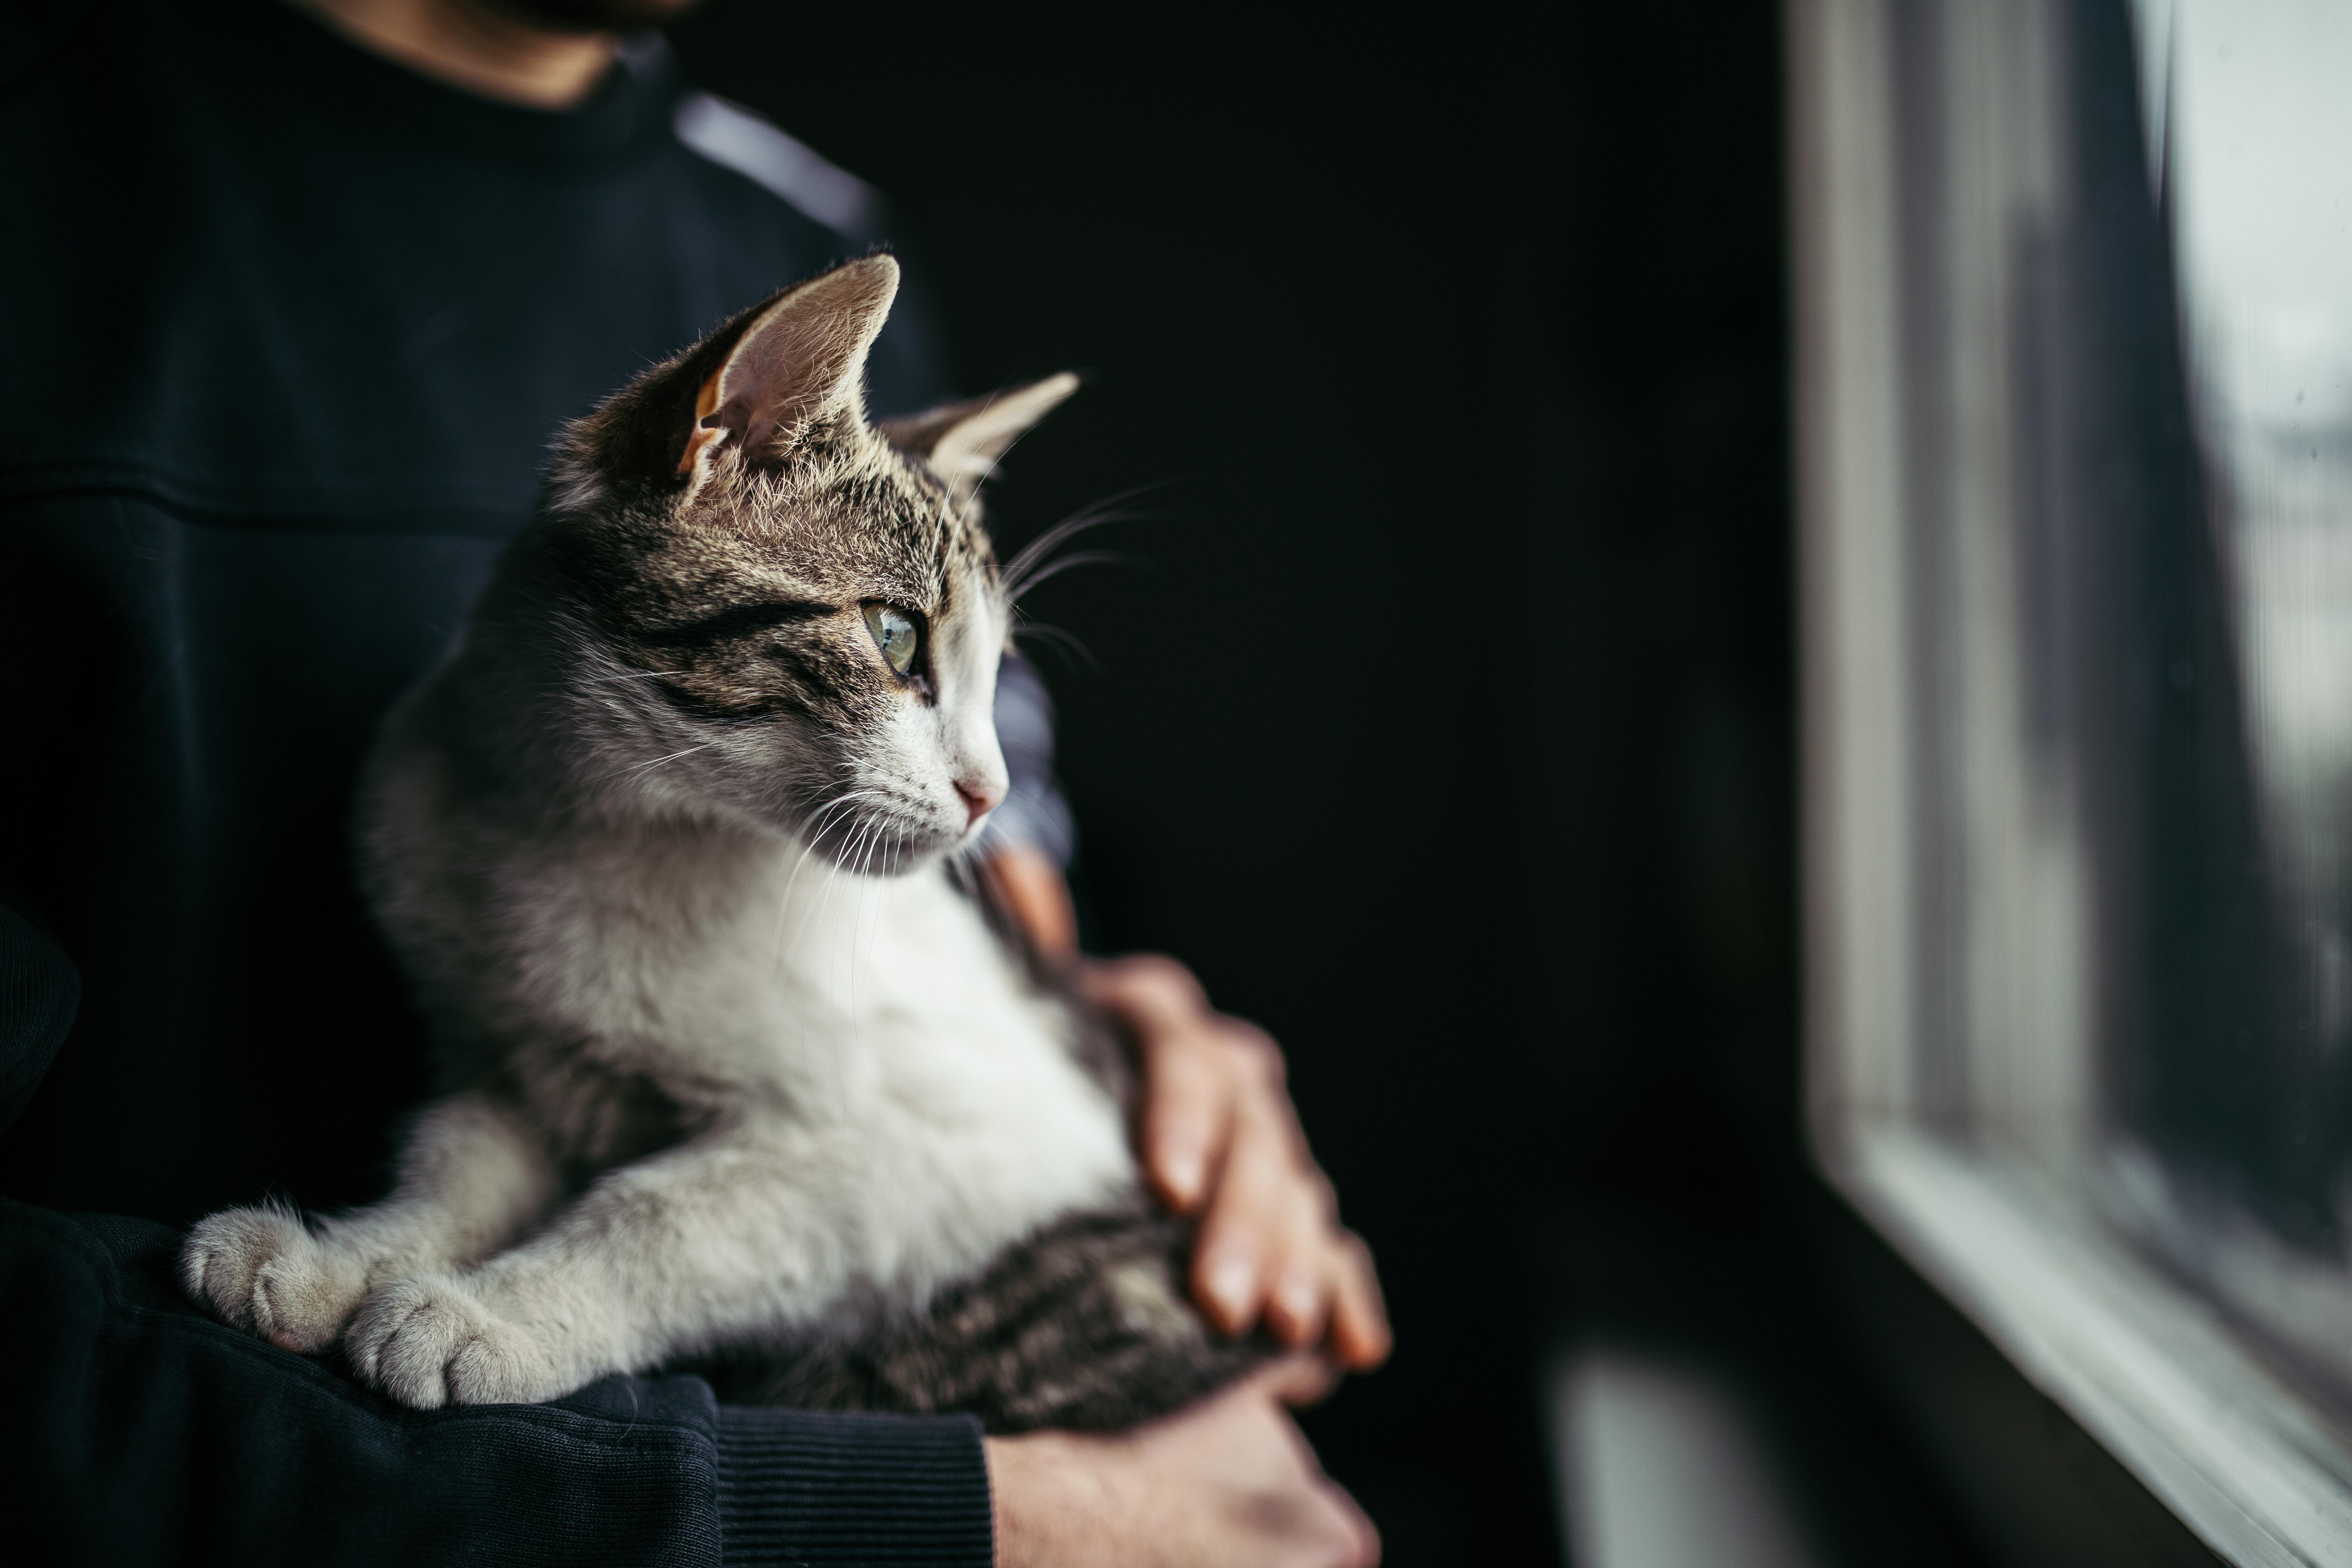 猫投げる動画SNS拡散、男性「視聴者楽しませるため」